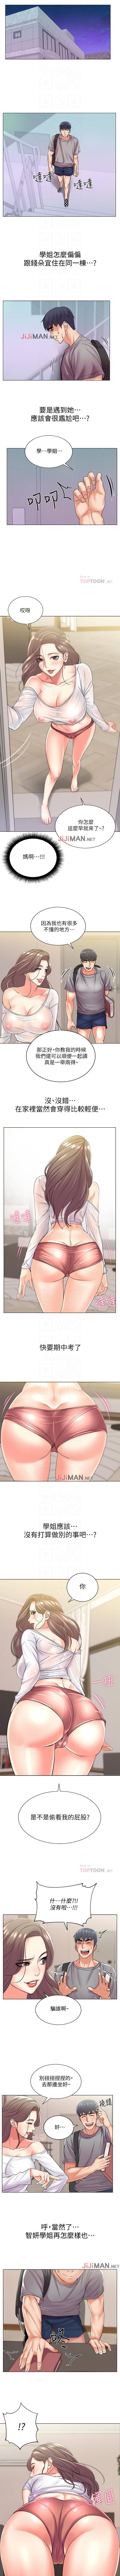 【周三连载】超市的漂亮姐姐(作者:北鼻&逃兵) 第1~40话 103